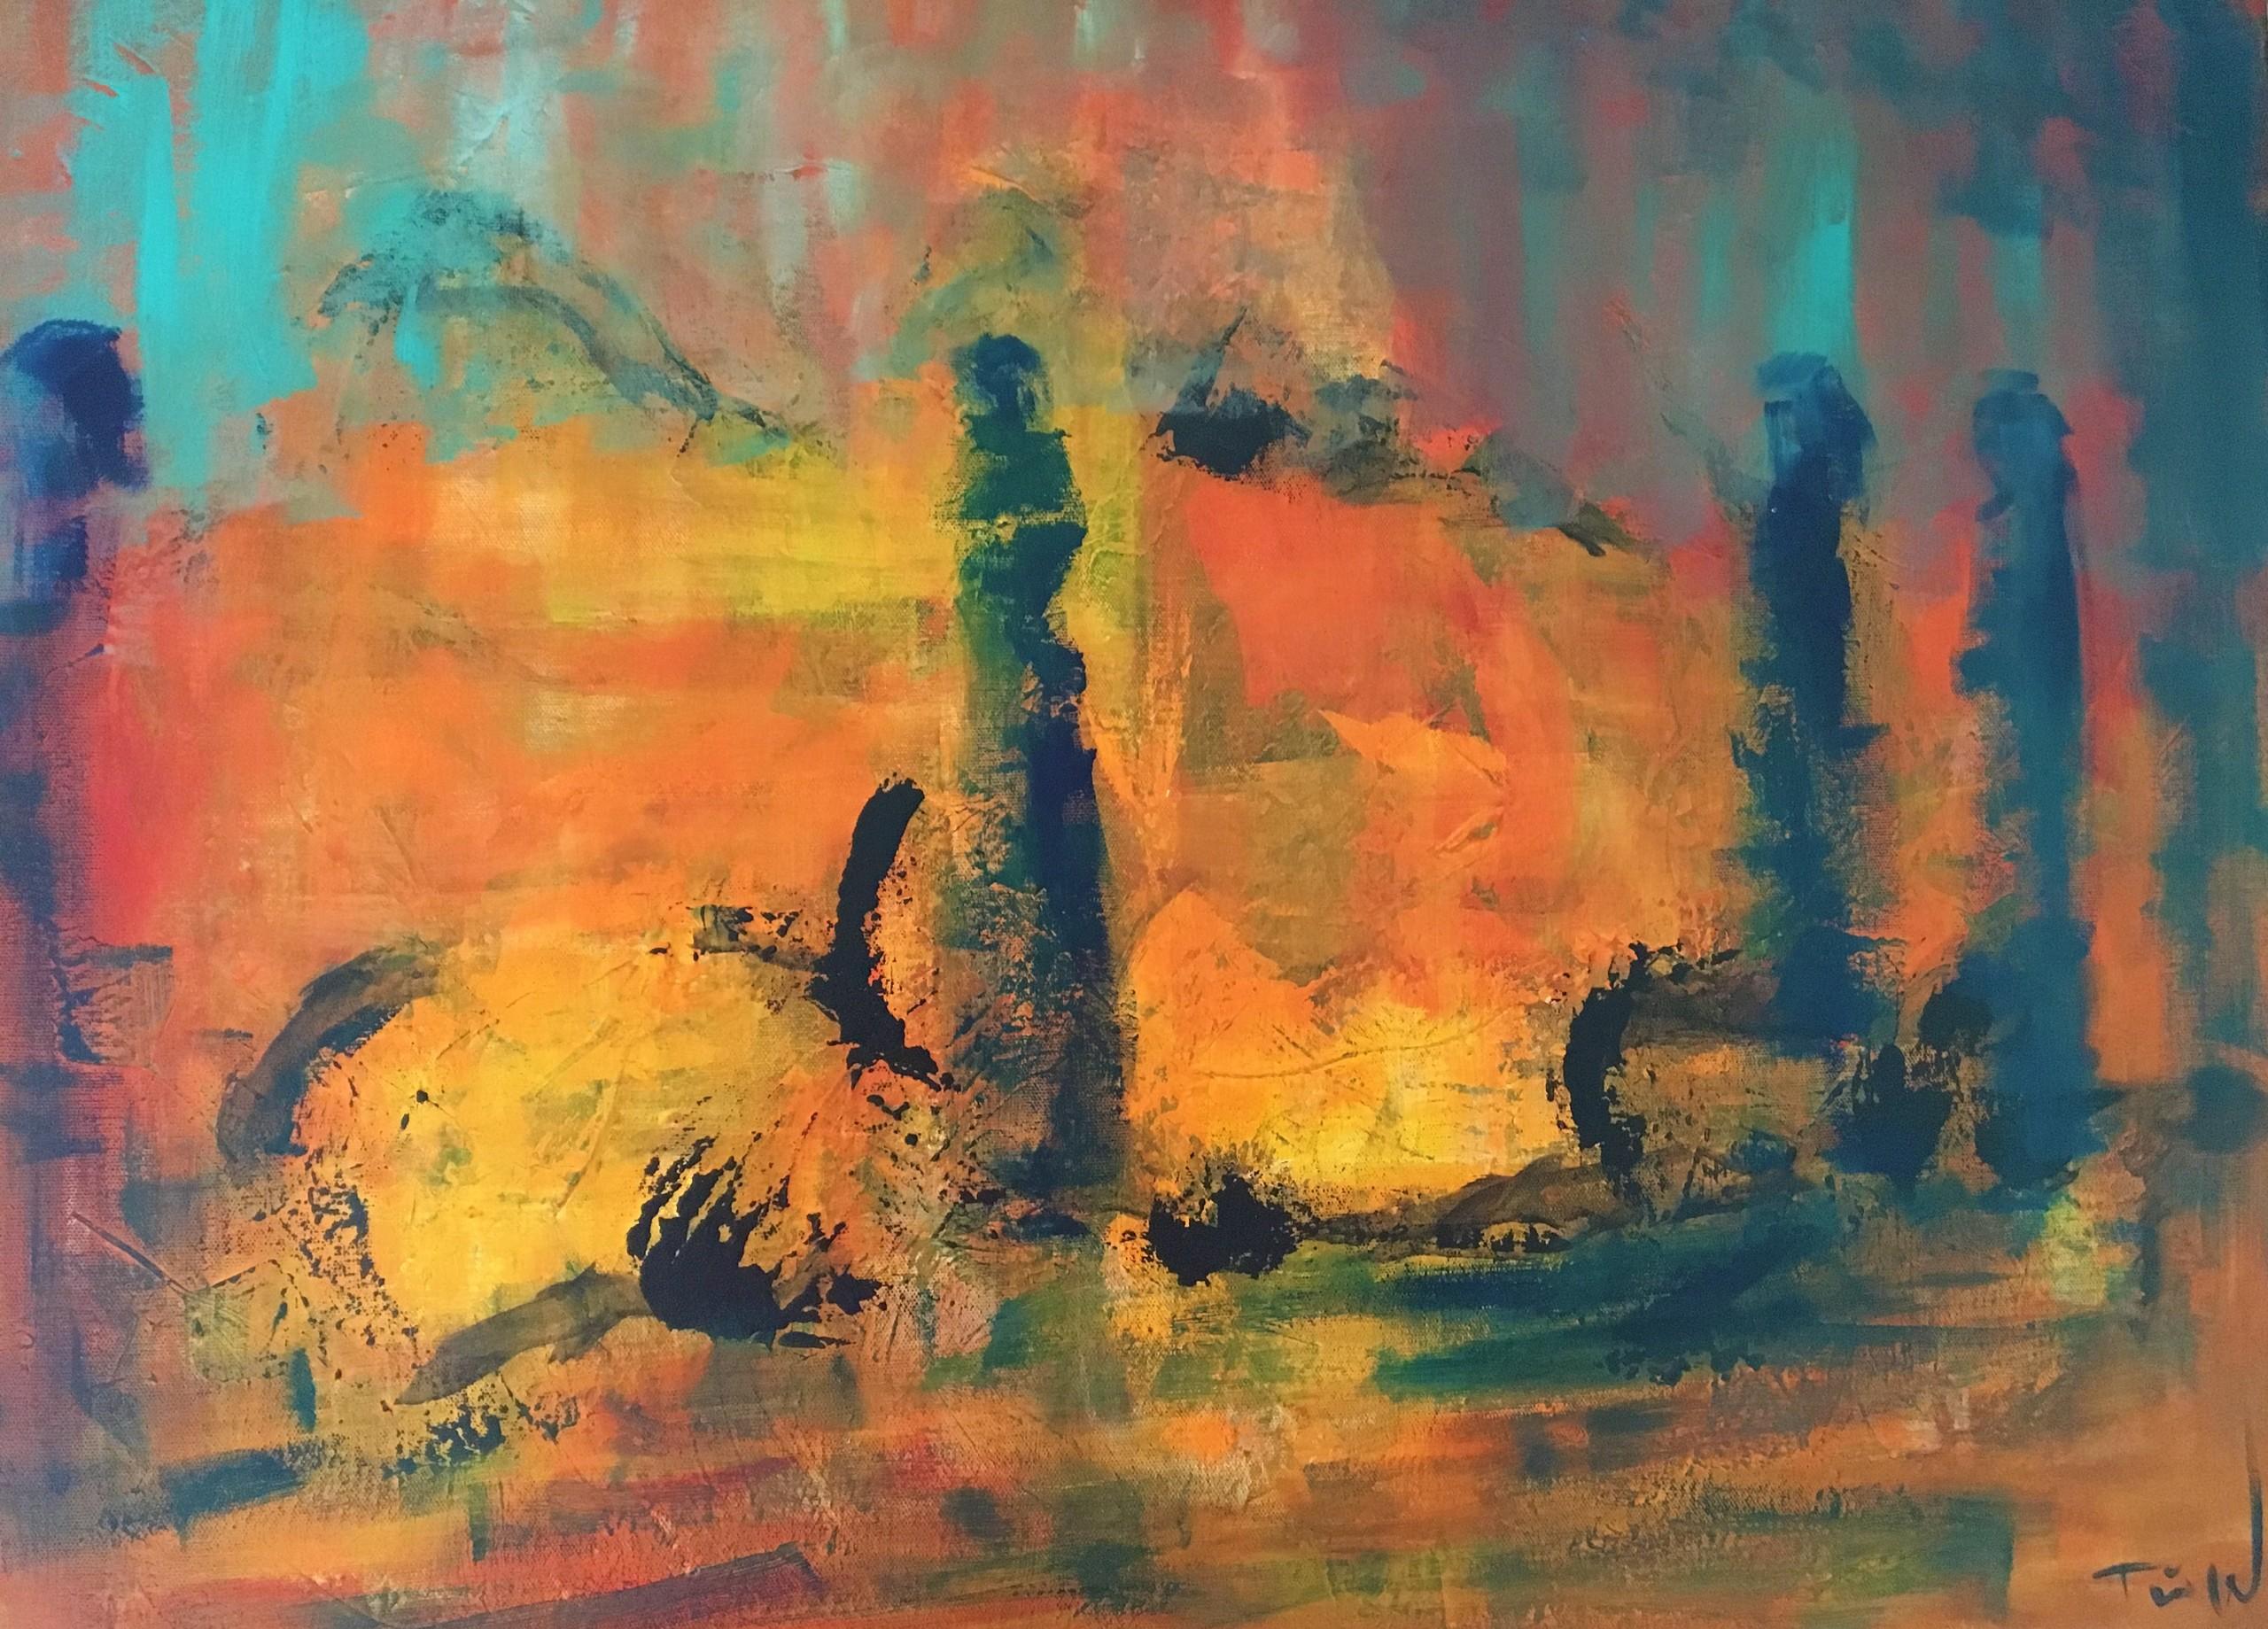 Min mand elsker dette maleri med dets varme og blide glød - og dets diffuse lys. Et rigtig sommermaleri fra Nordsjælland.